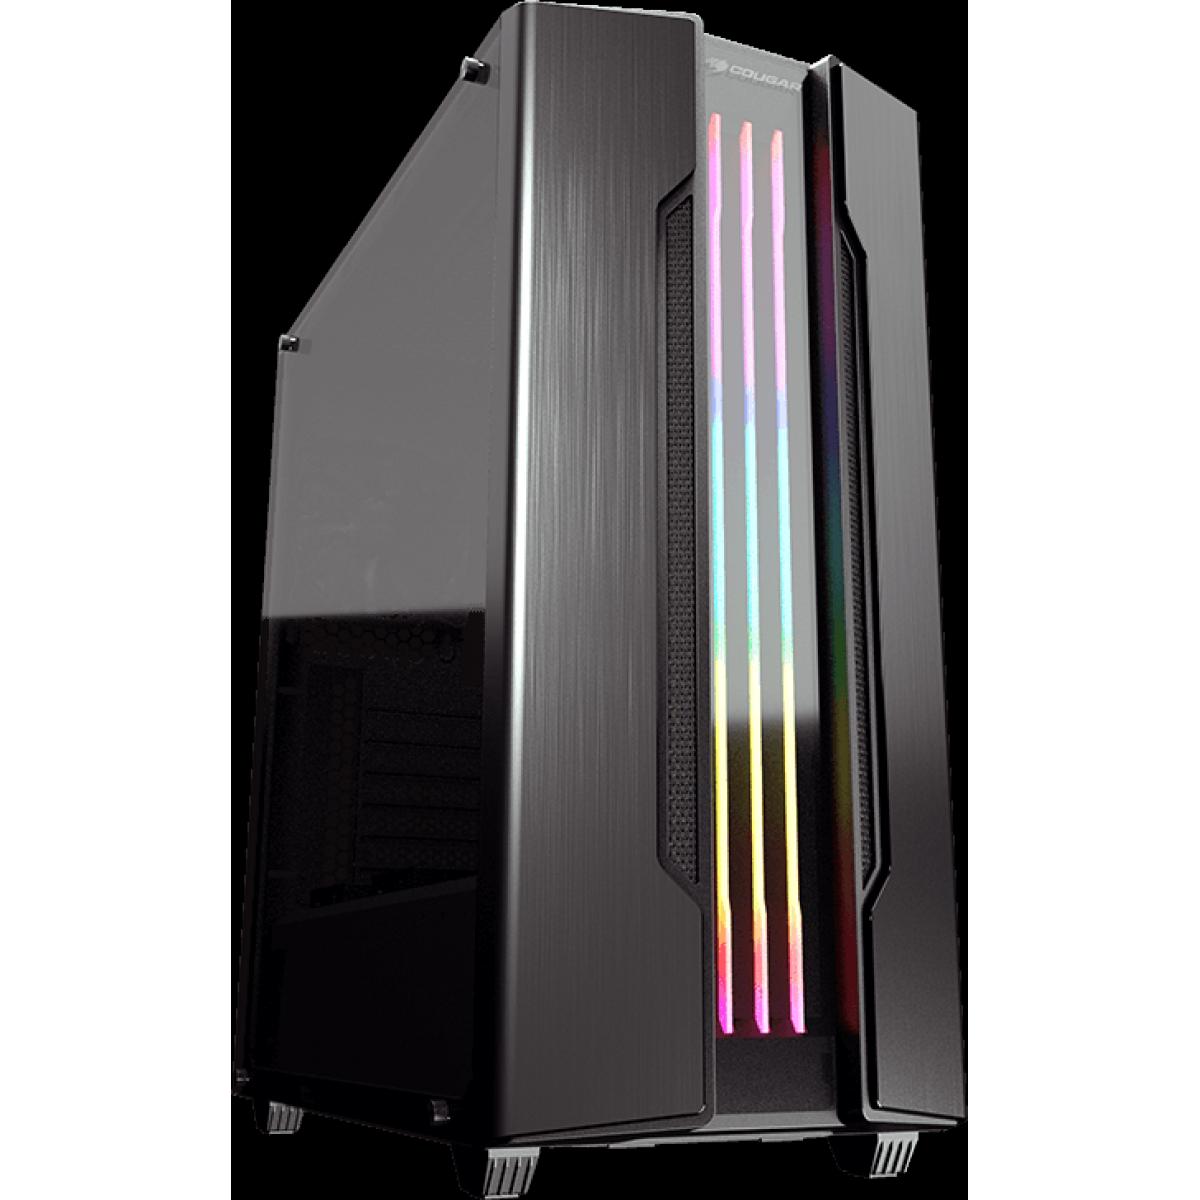 Pc Gamer T-Power Stormbreaker Lvl-5 AMD Ryzen 9 3900X / Geforce RTX 2080 Super / DDR4 16GB / HD 1TB / 700W